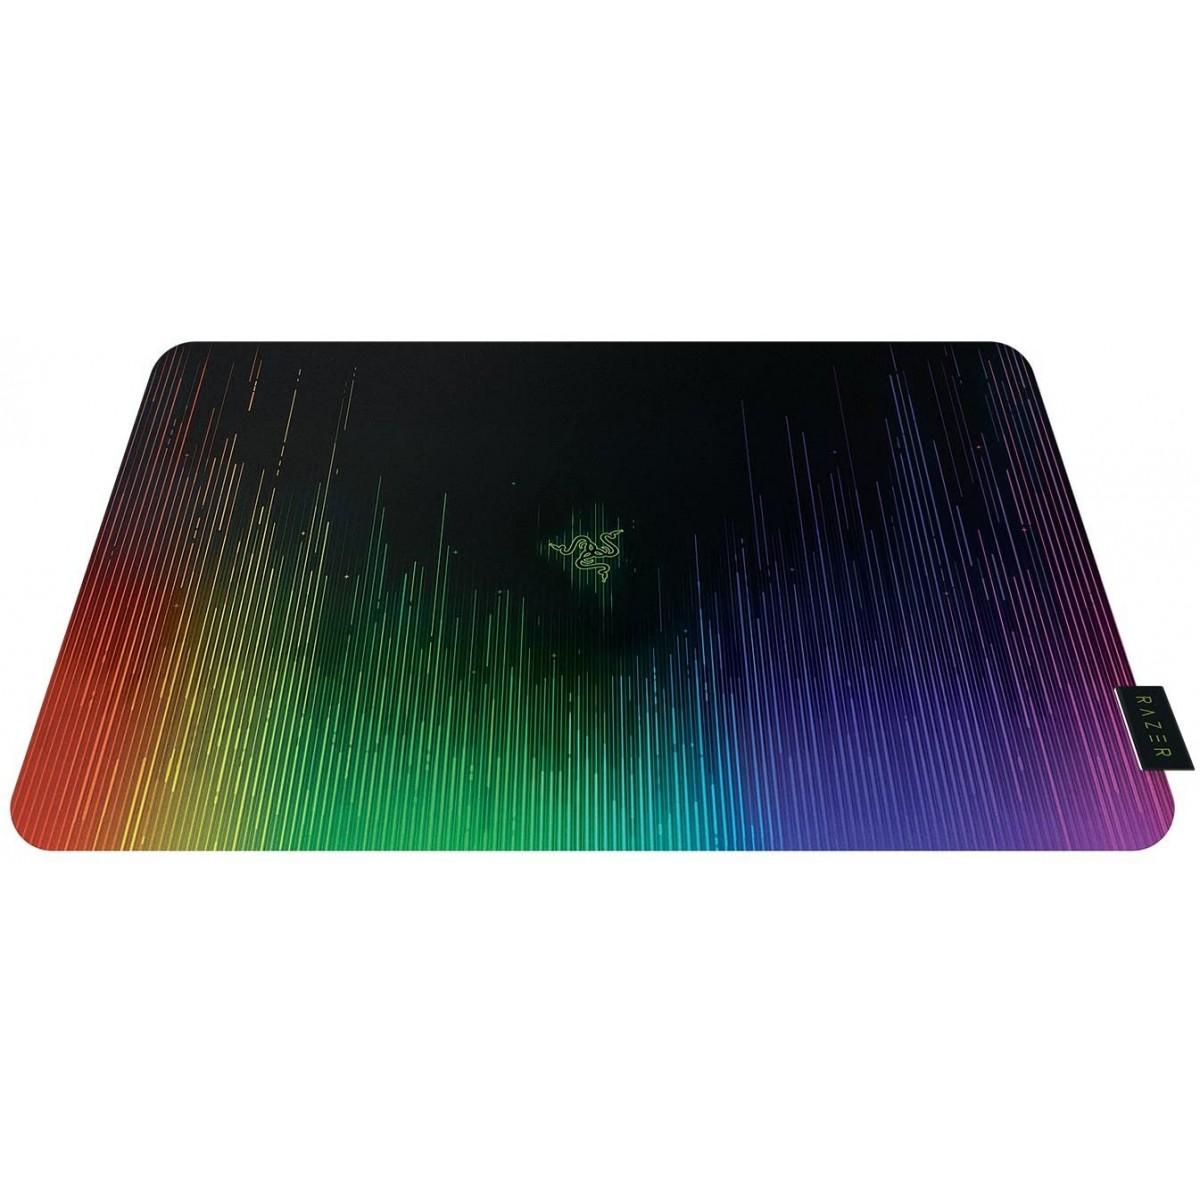 Mouse Pad Gamer Razer Sphex V2, Médio, Black